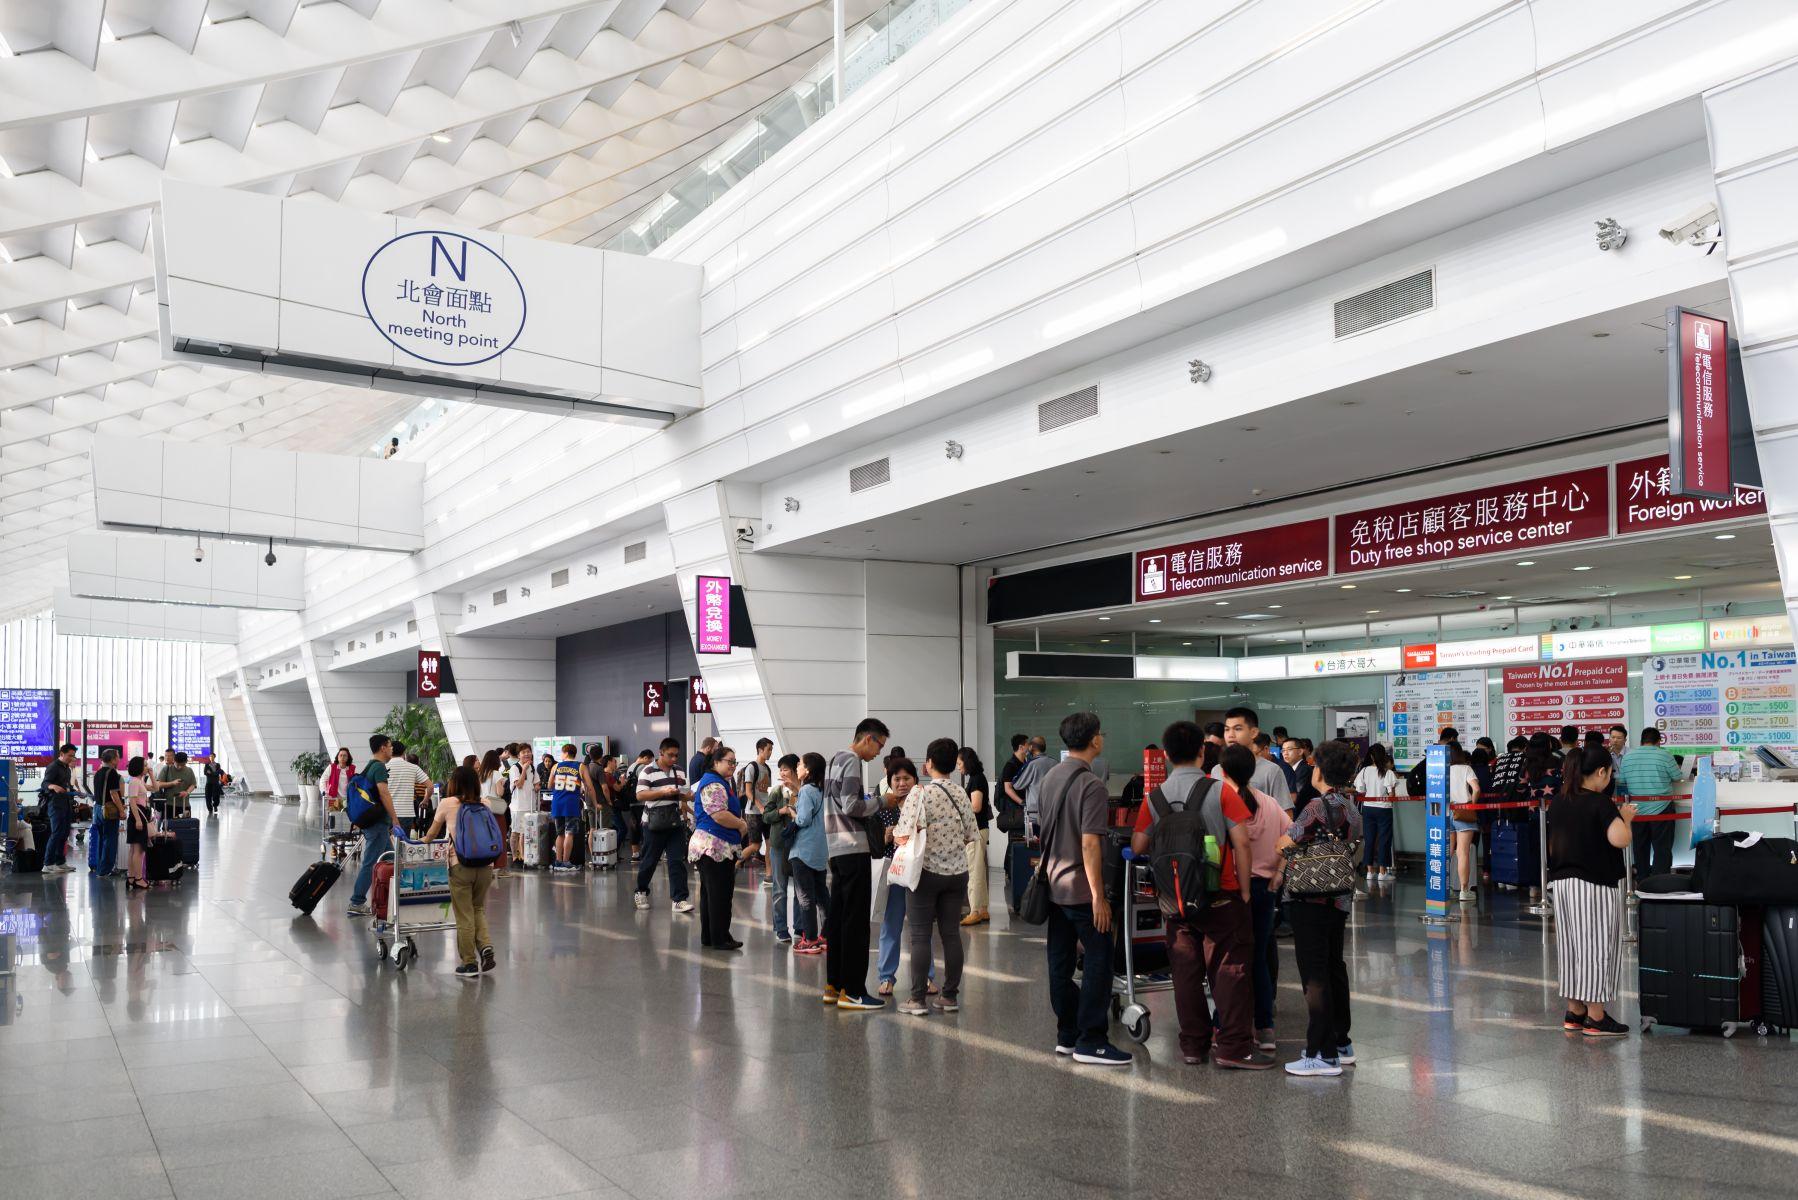 武漢肺炎》中國發布旅遊禁令 我國觀光局:立即暫停出團赴中旅遊